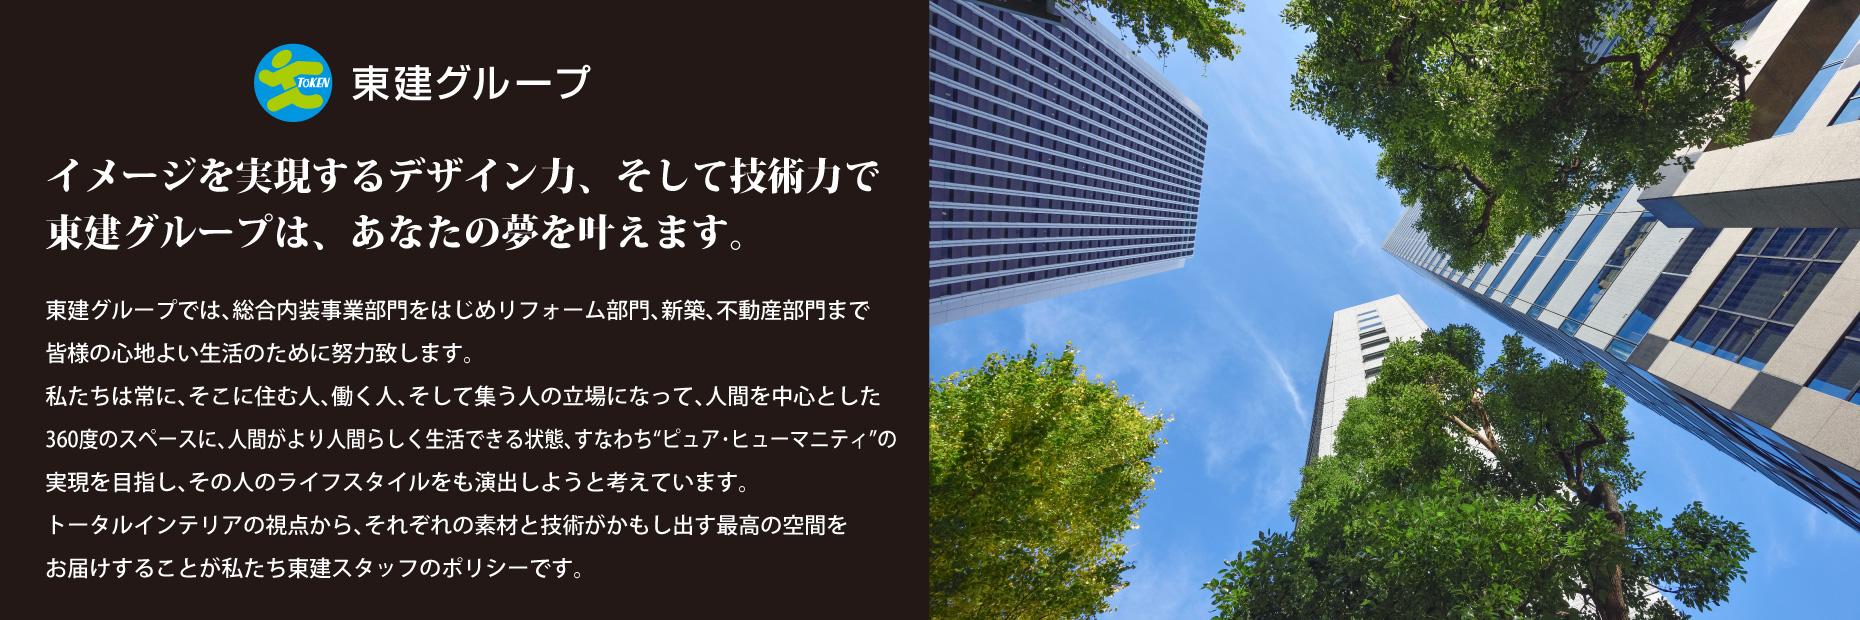 イメージを実現するデザイン力、そして技術力で東建グループは、あなたの夢を叶えます。